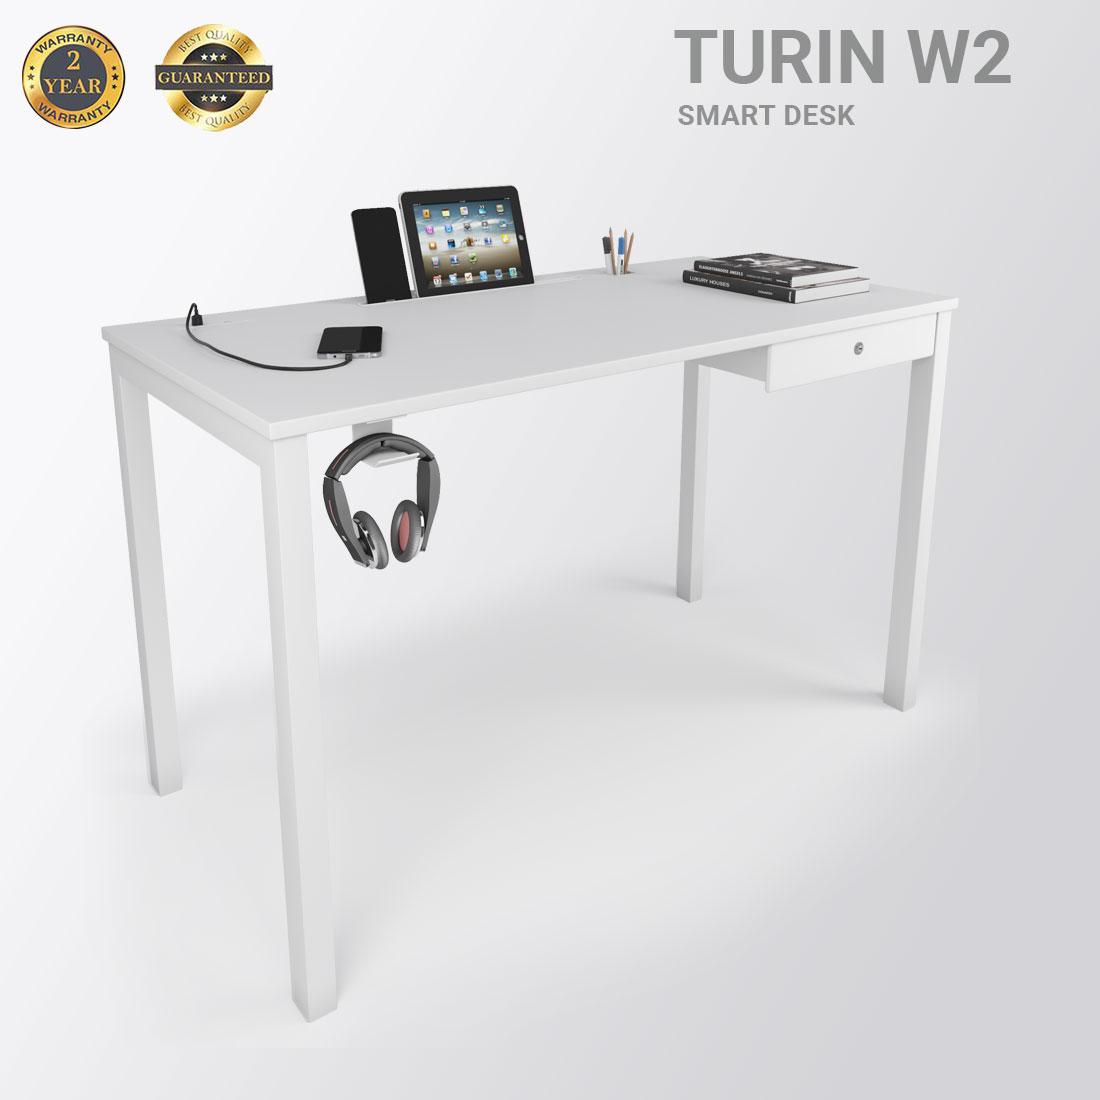 TURIN W2